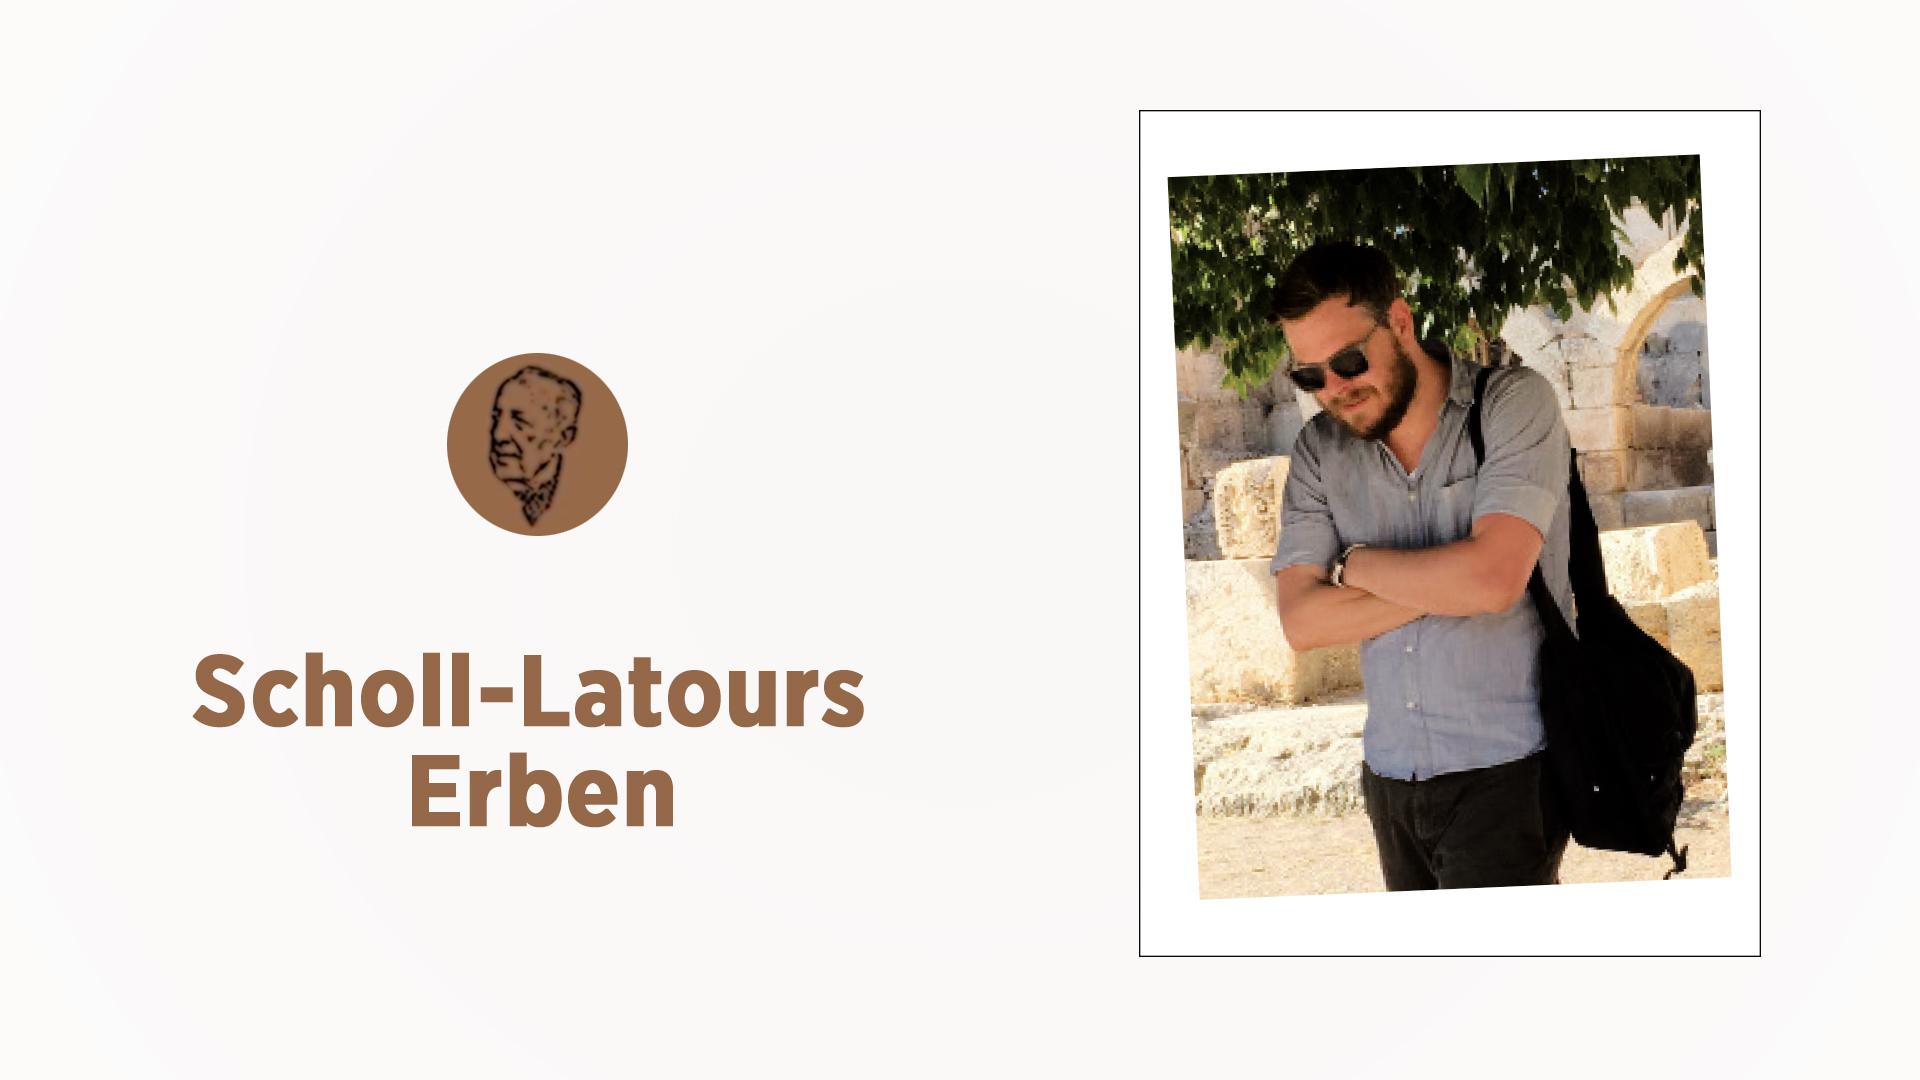 Scholl-Latours-Erben: Christoph Ehrhardt